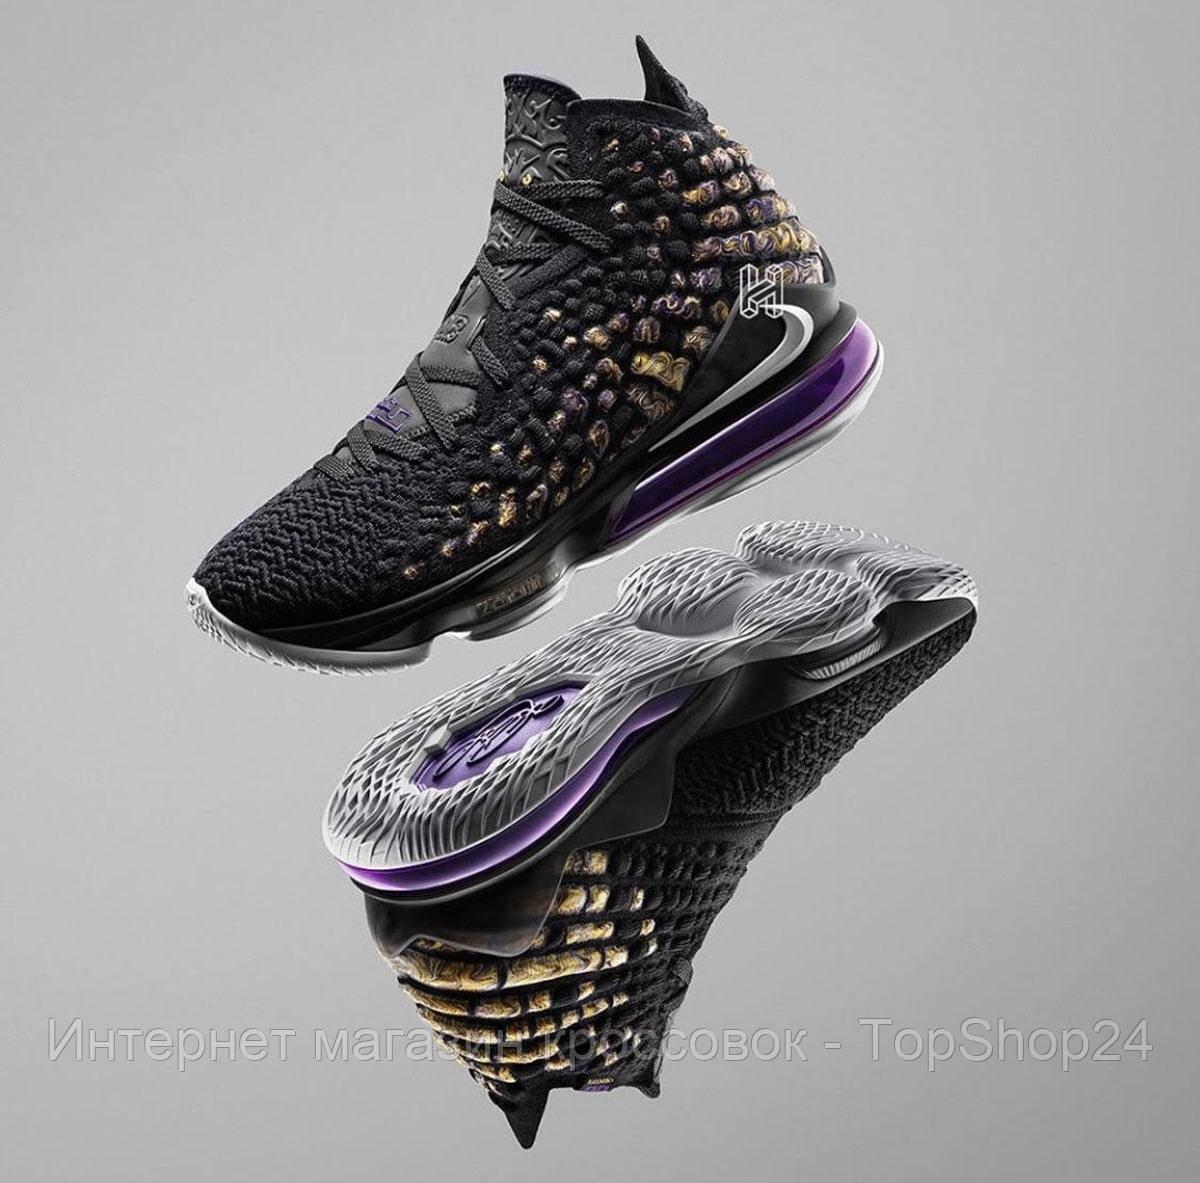 Nike представил самые ожидаемые кроссовки сезона из линейки Леброна Джеймса